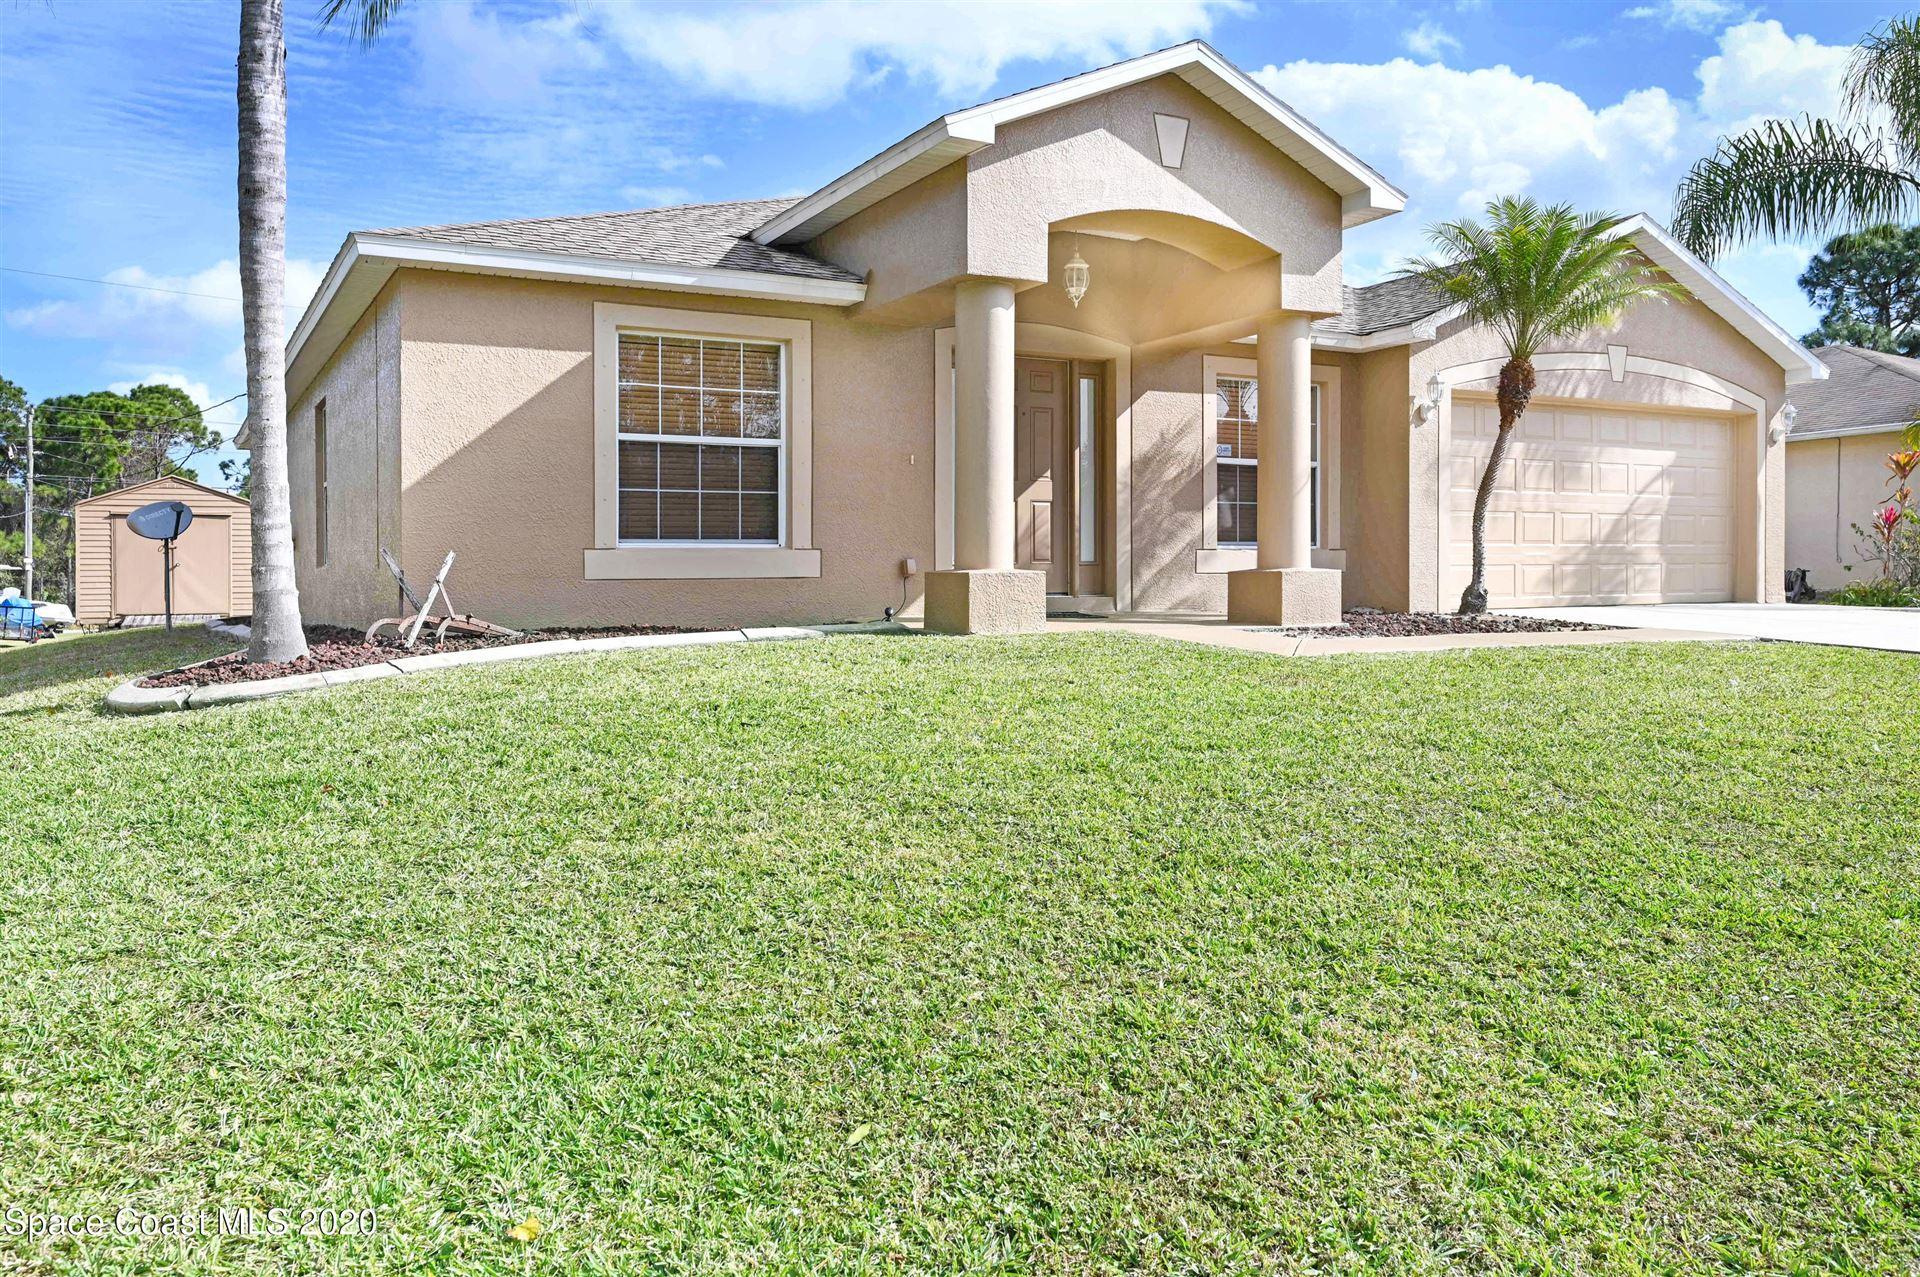 2419 Ralph Avenue, Palm Bay, FL 32909 - #: 894041